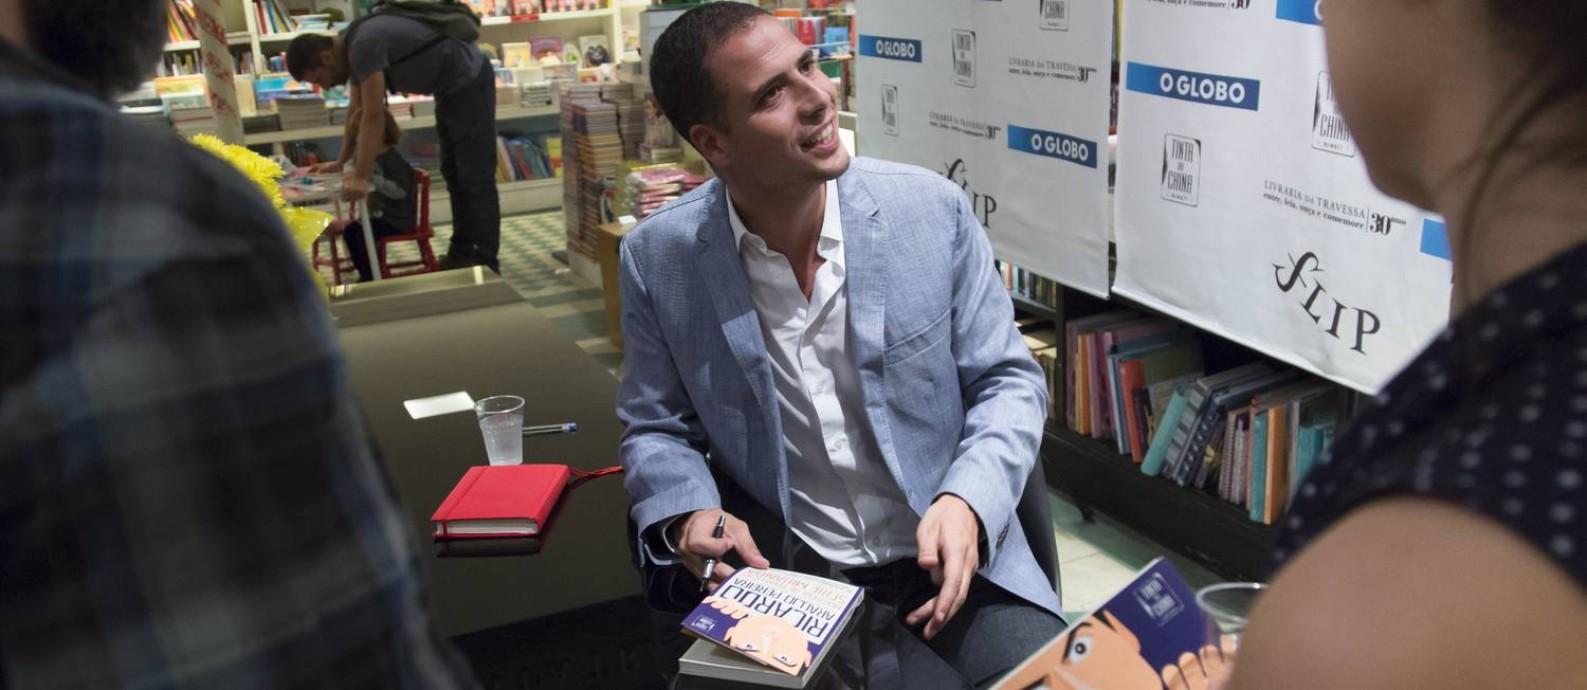 O humorista português Ricardo Araújo Pereira em debate pós-Flip Foto: Leo Martins / Agência O Globo